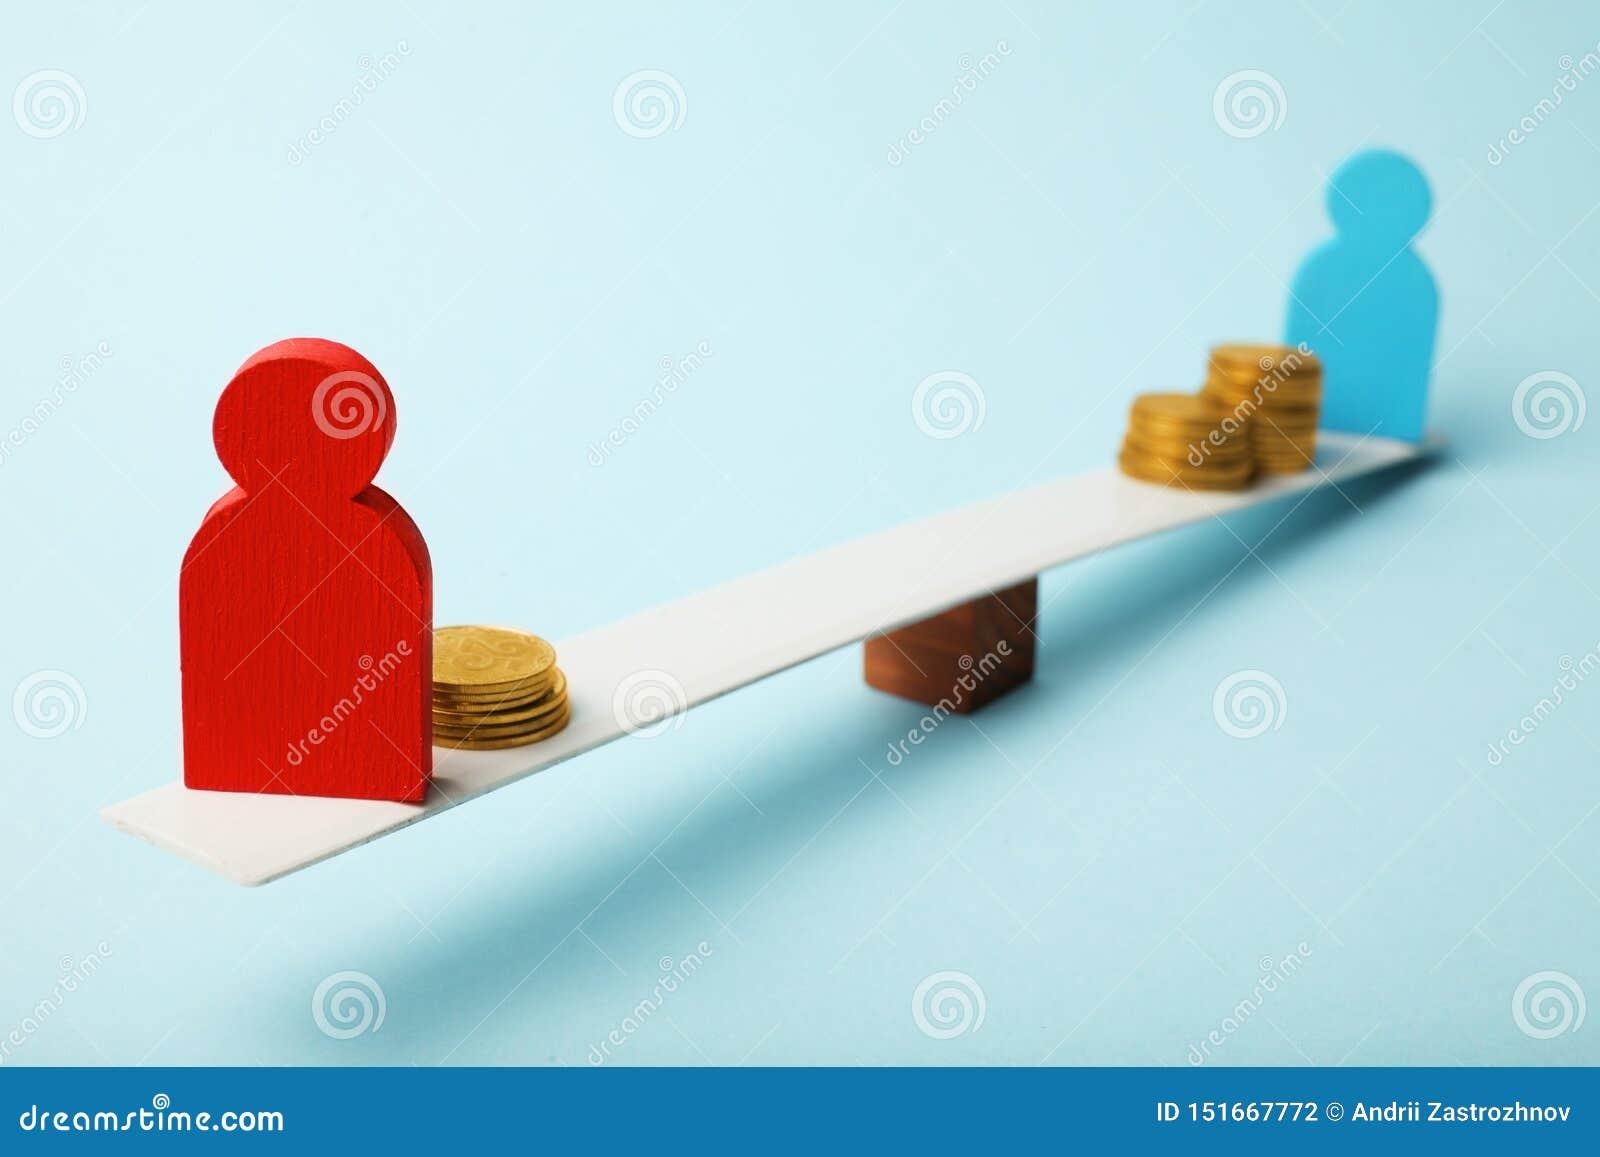 性别和性别薪水差距 性别不平等